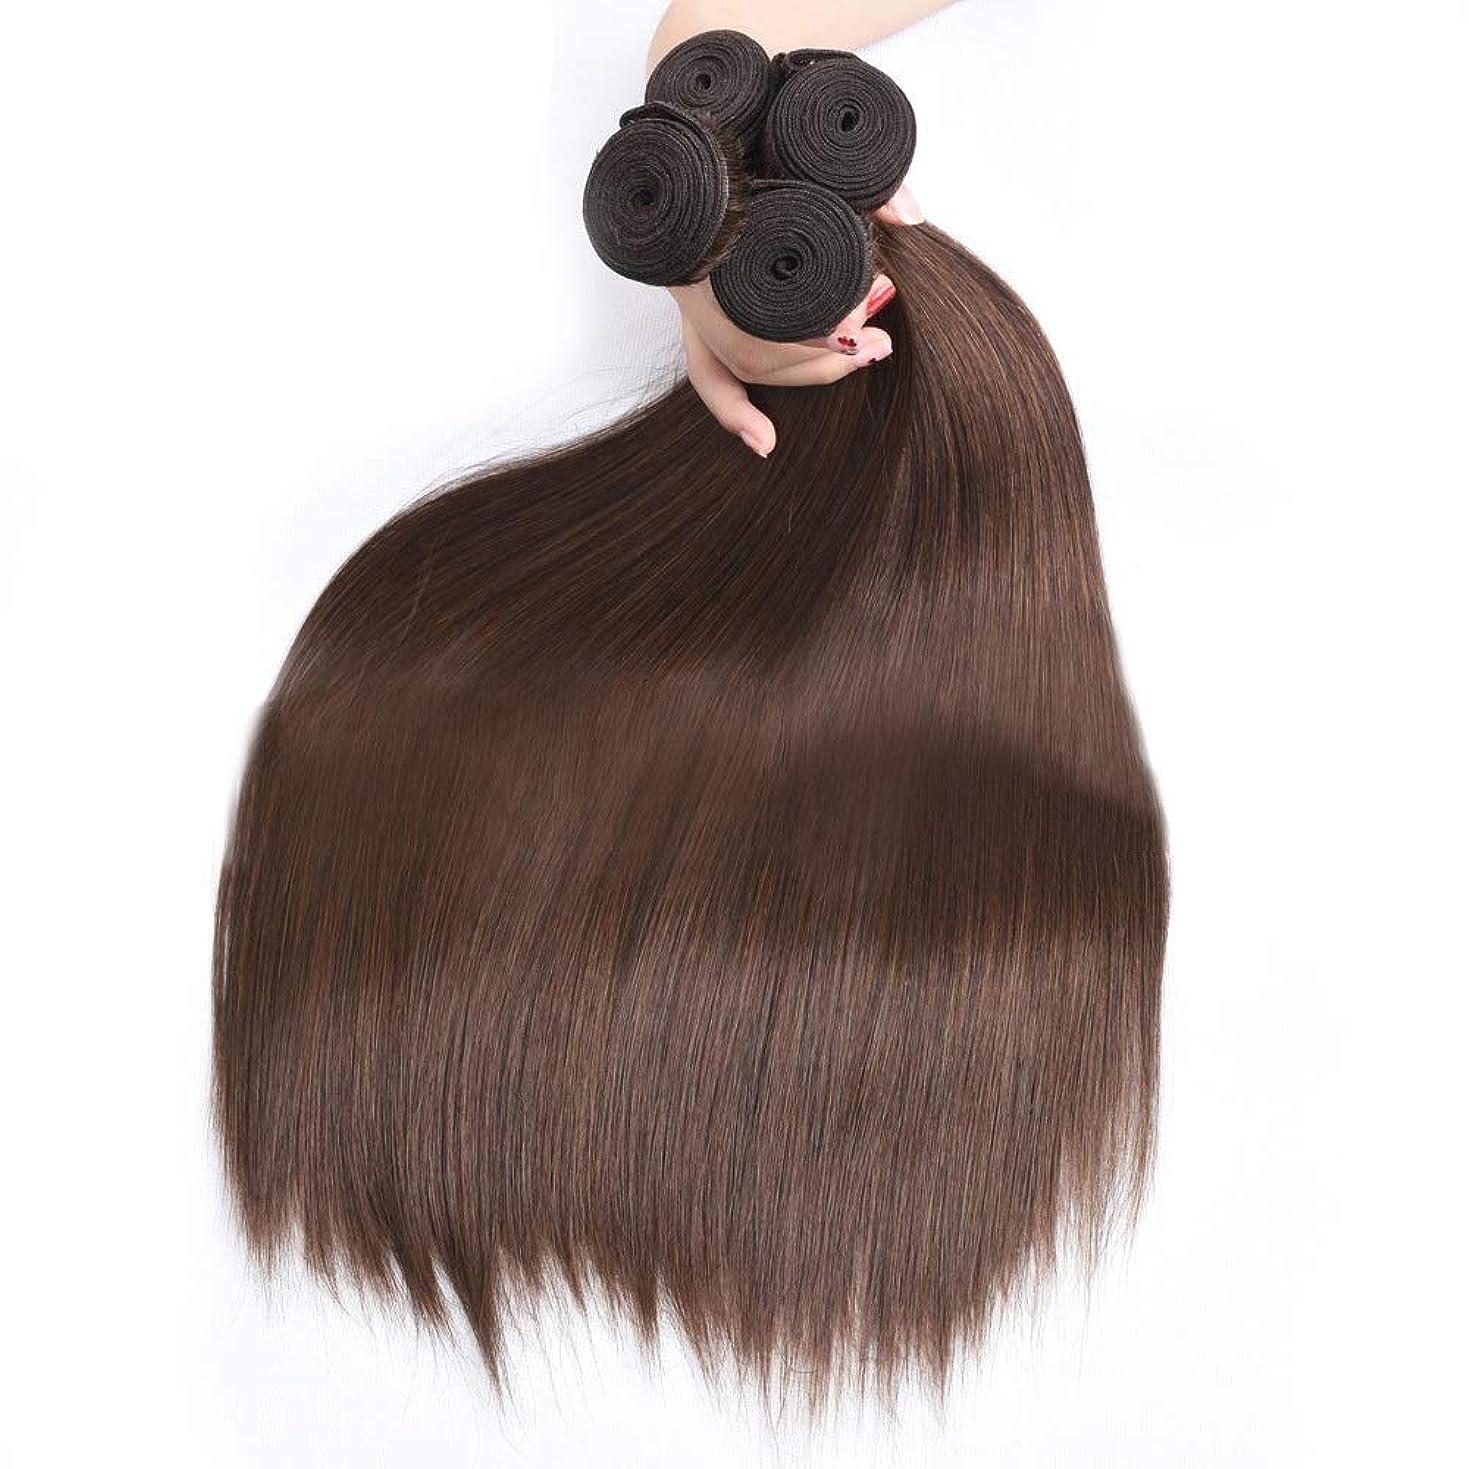 デモンストレーション本部劣るBOBIDYEE 絹のようなストレートの髪の束ブラジルのストレート本物の人間の髪の毛の拡張子#4ブラウン色ナチュラルルッキング(1バンドル、10-28インチ)女性用合成かつらレースかつらロールプレイングかつら (色 : ブラウン, サイズ : 28 inch)